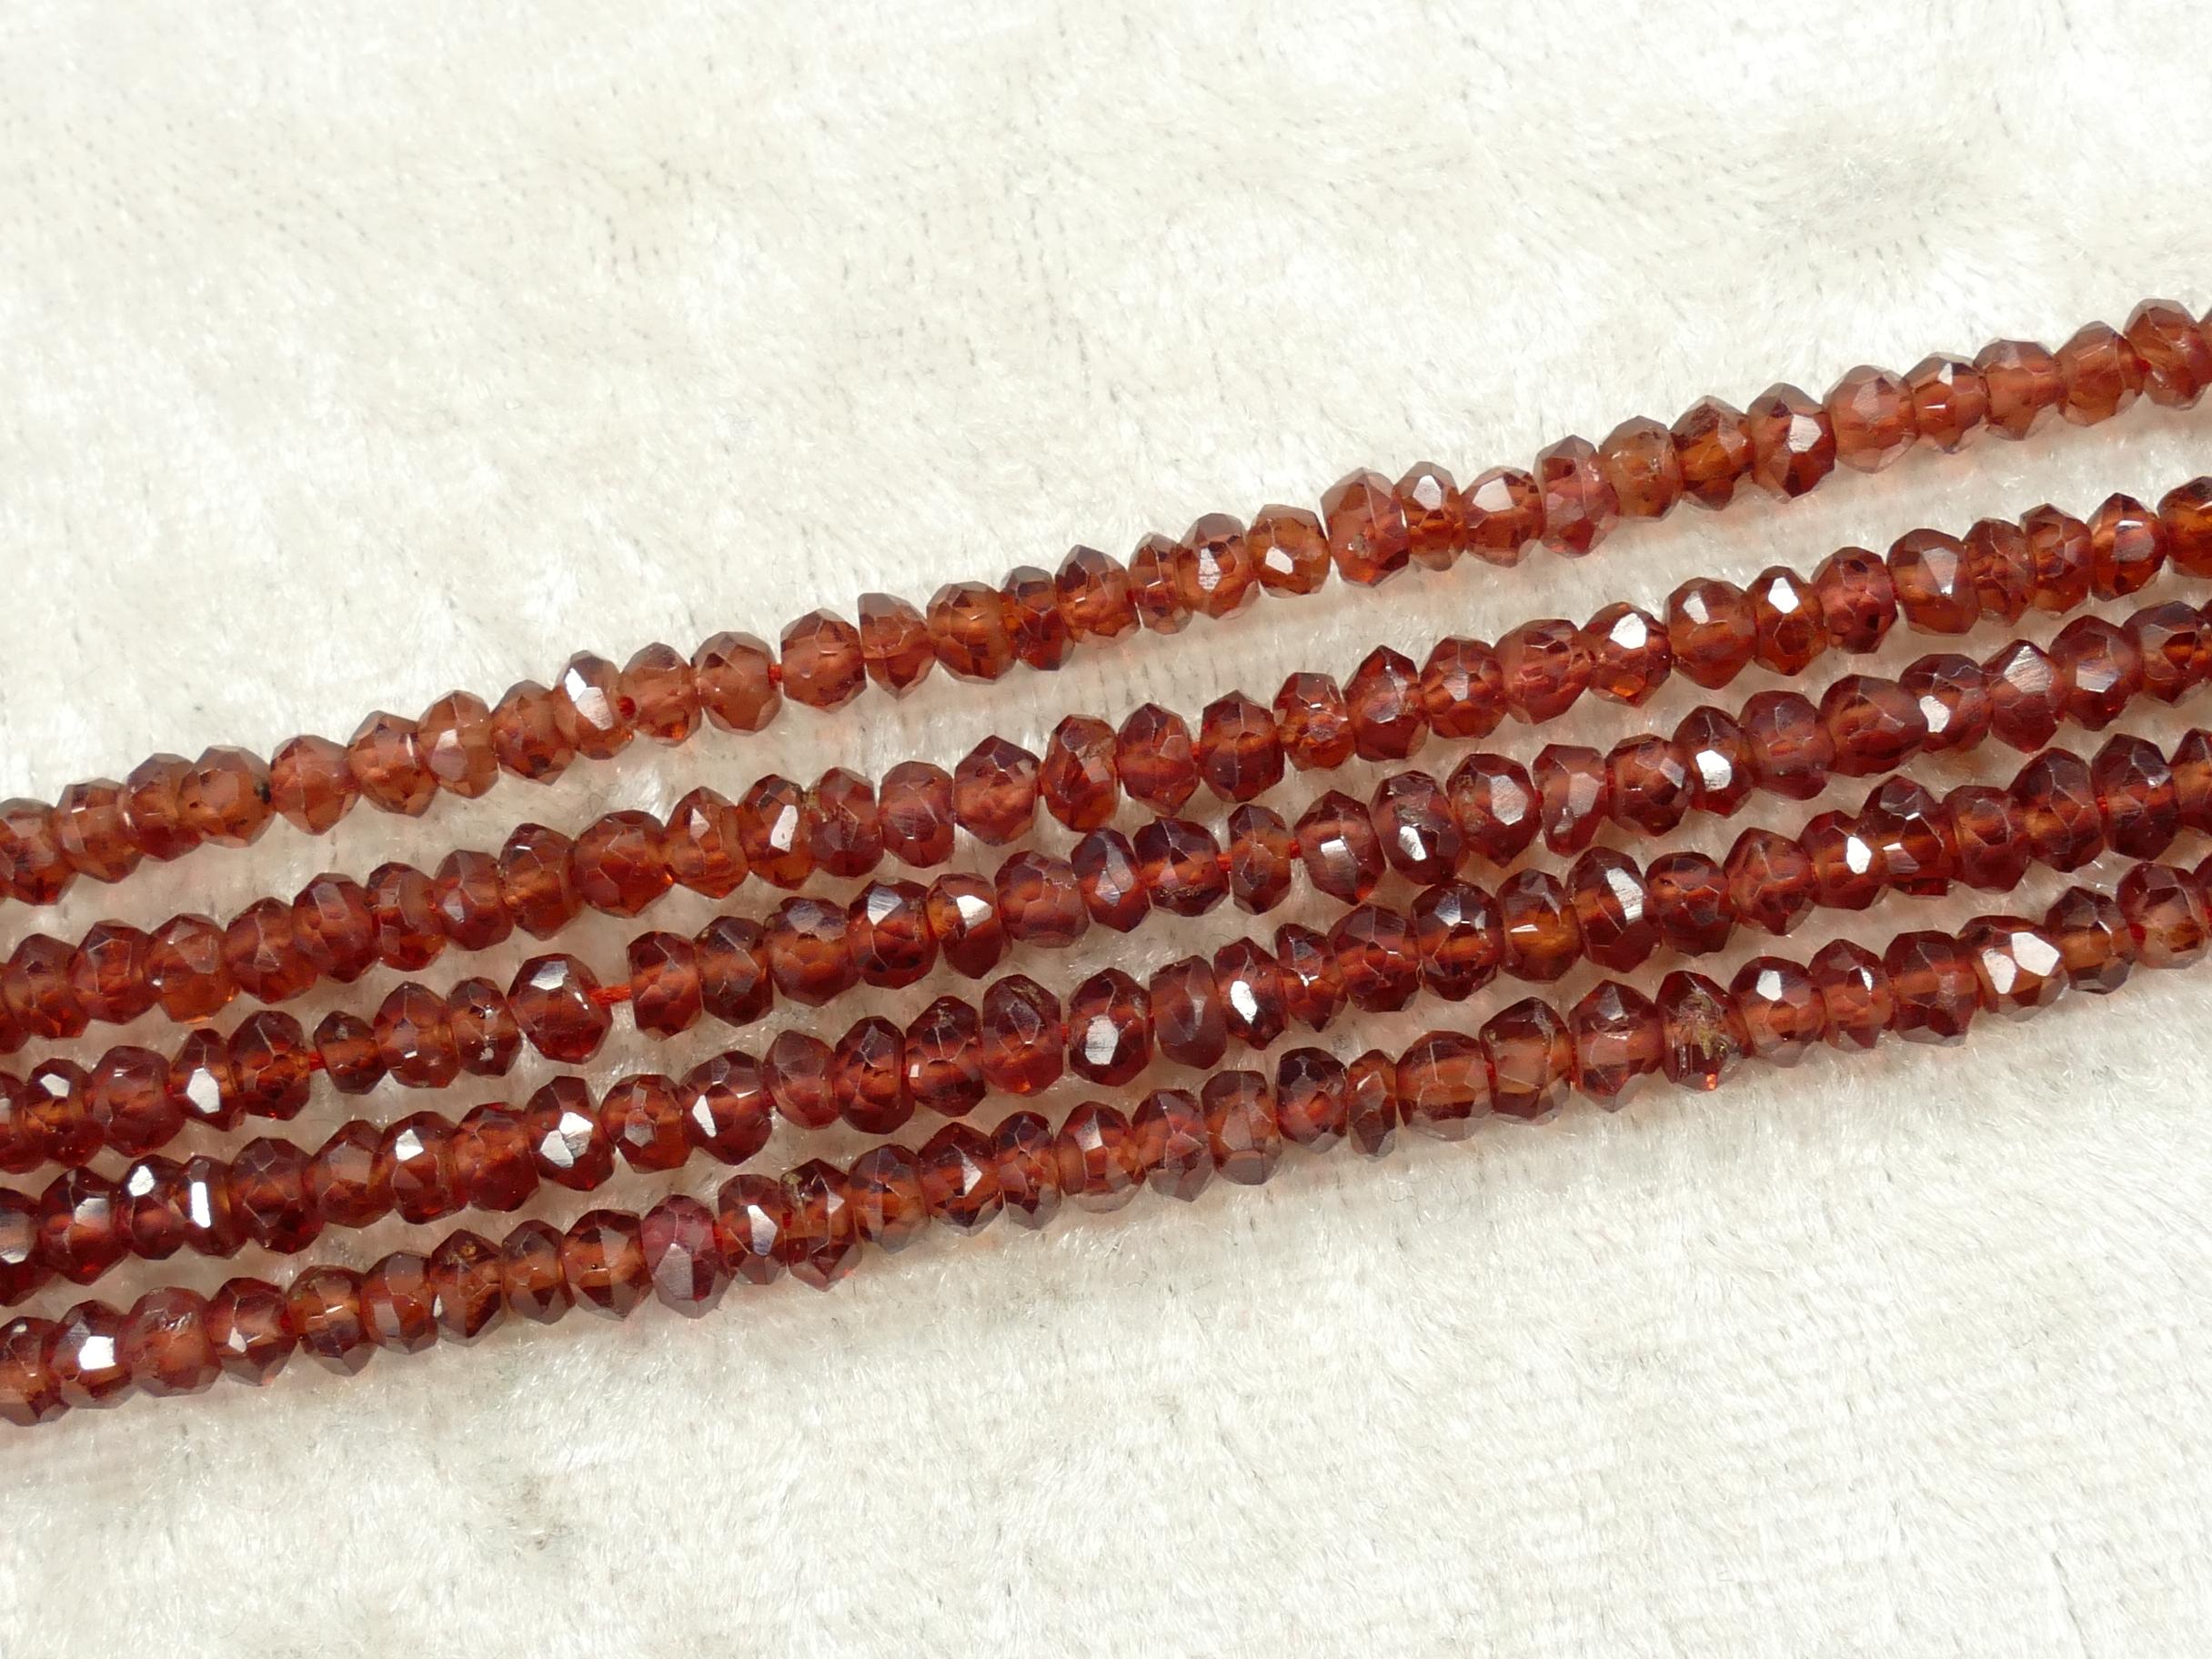 3.6/4.2mm Perles de Grenat rouge naturel A/AAA en rondelle facettée x16cm (6.3inch) (#AC836)